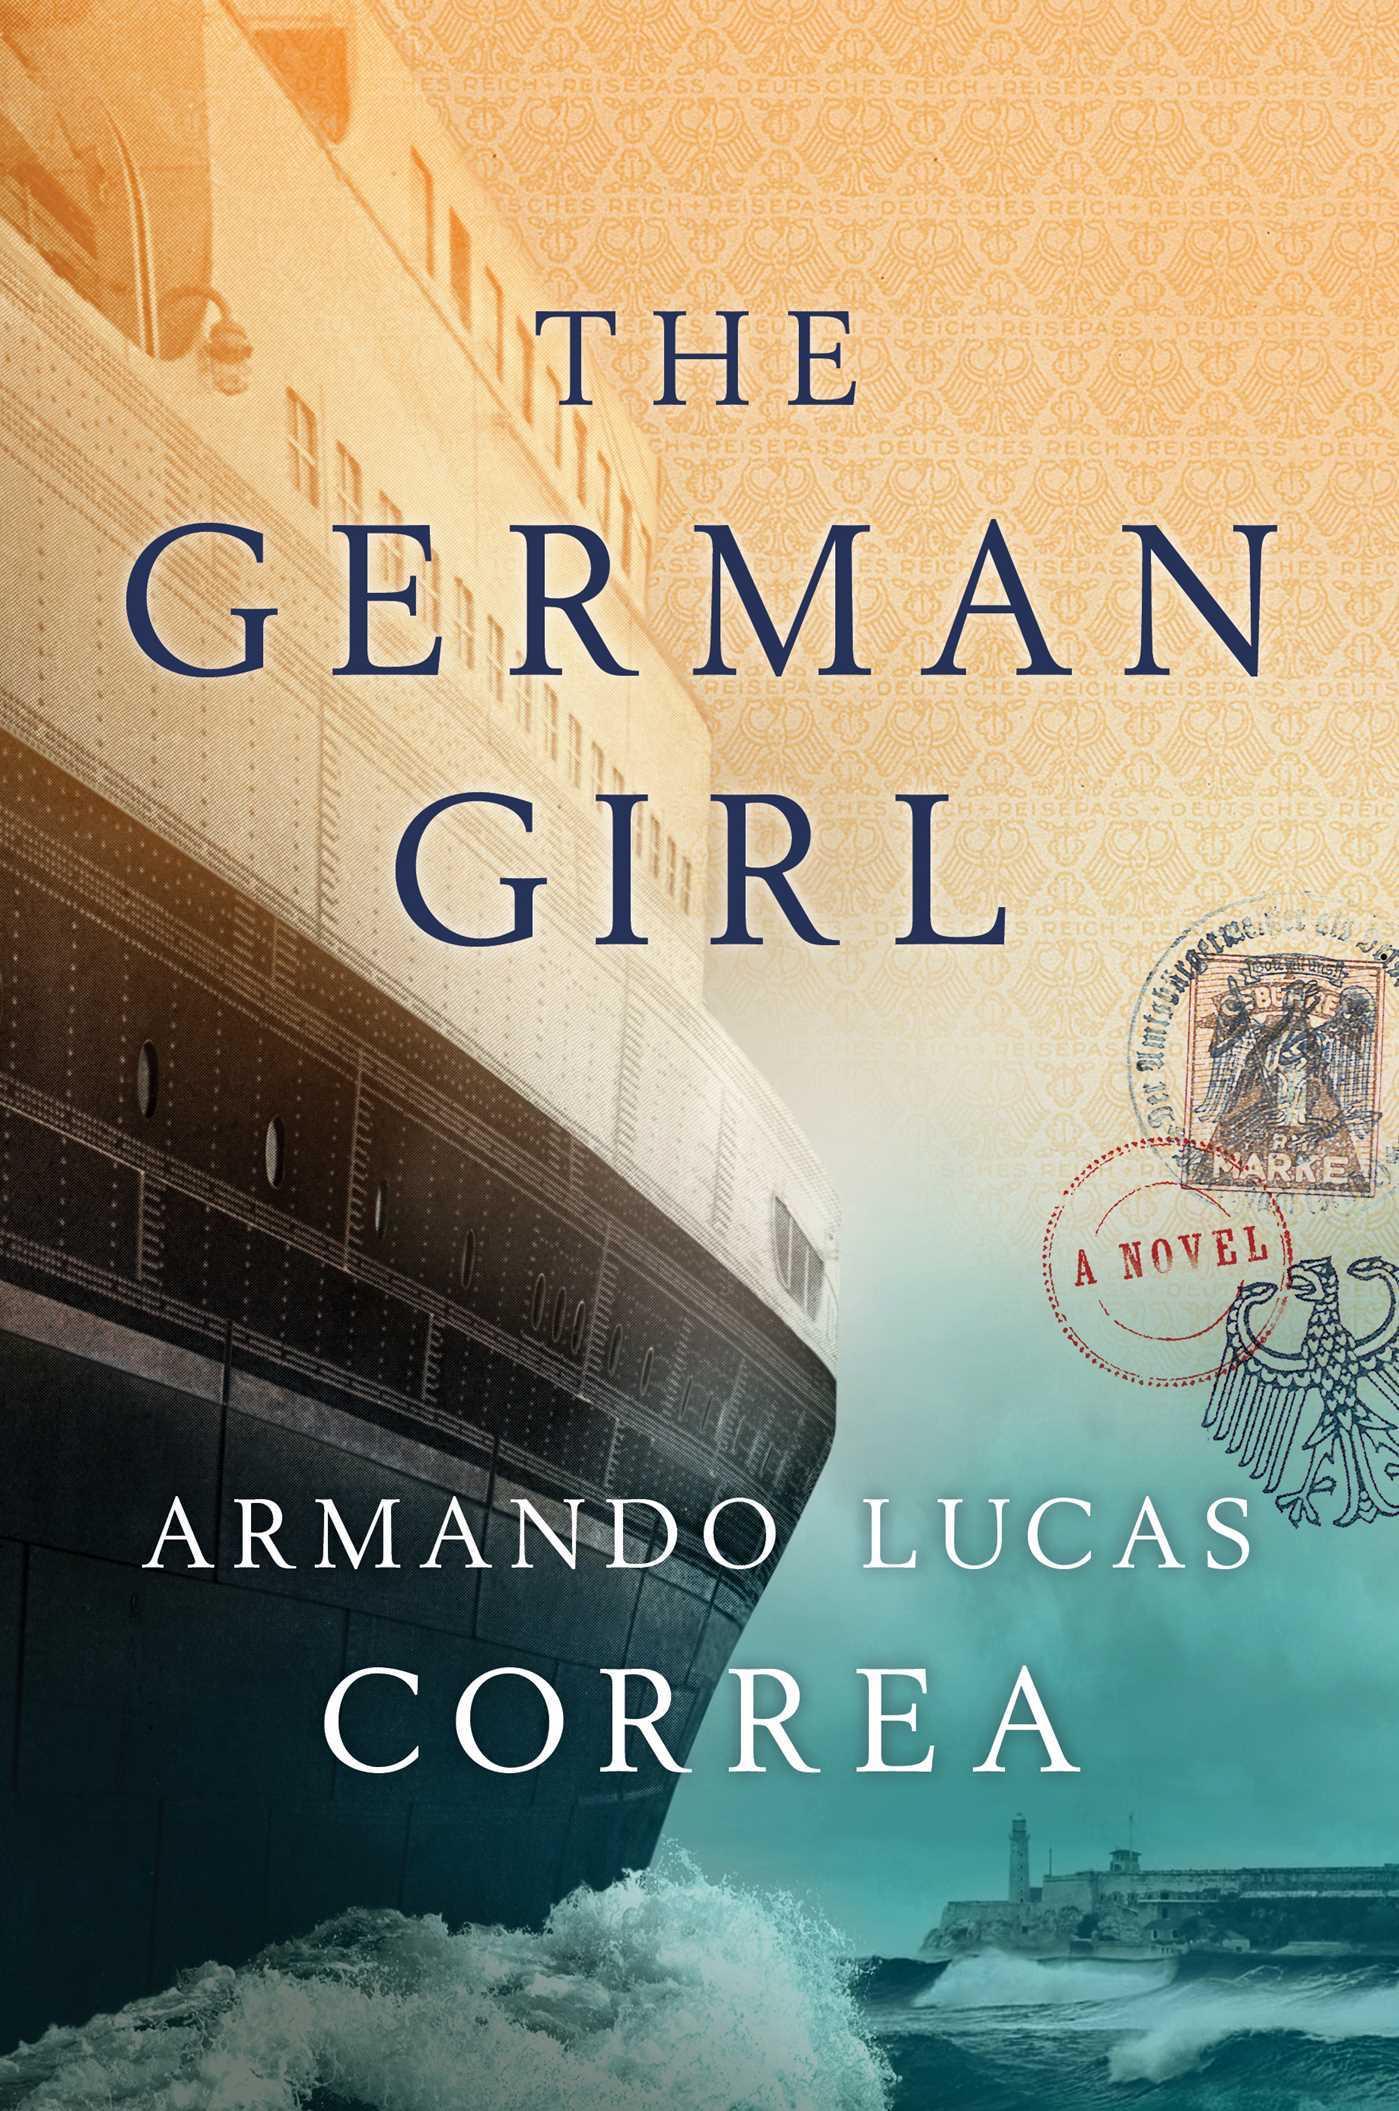 Armando Lucas Correa - The German Girl